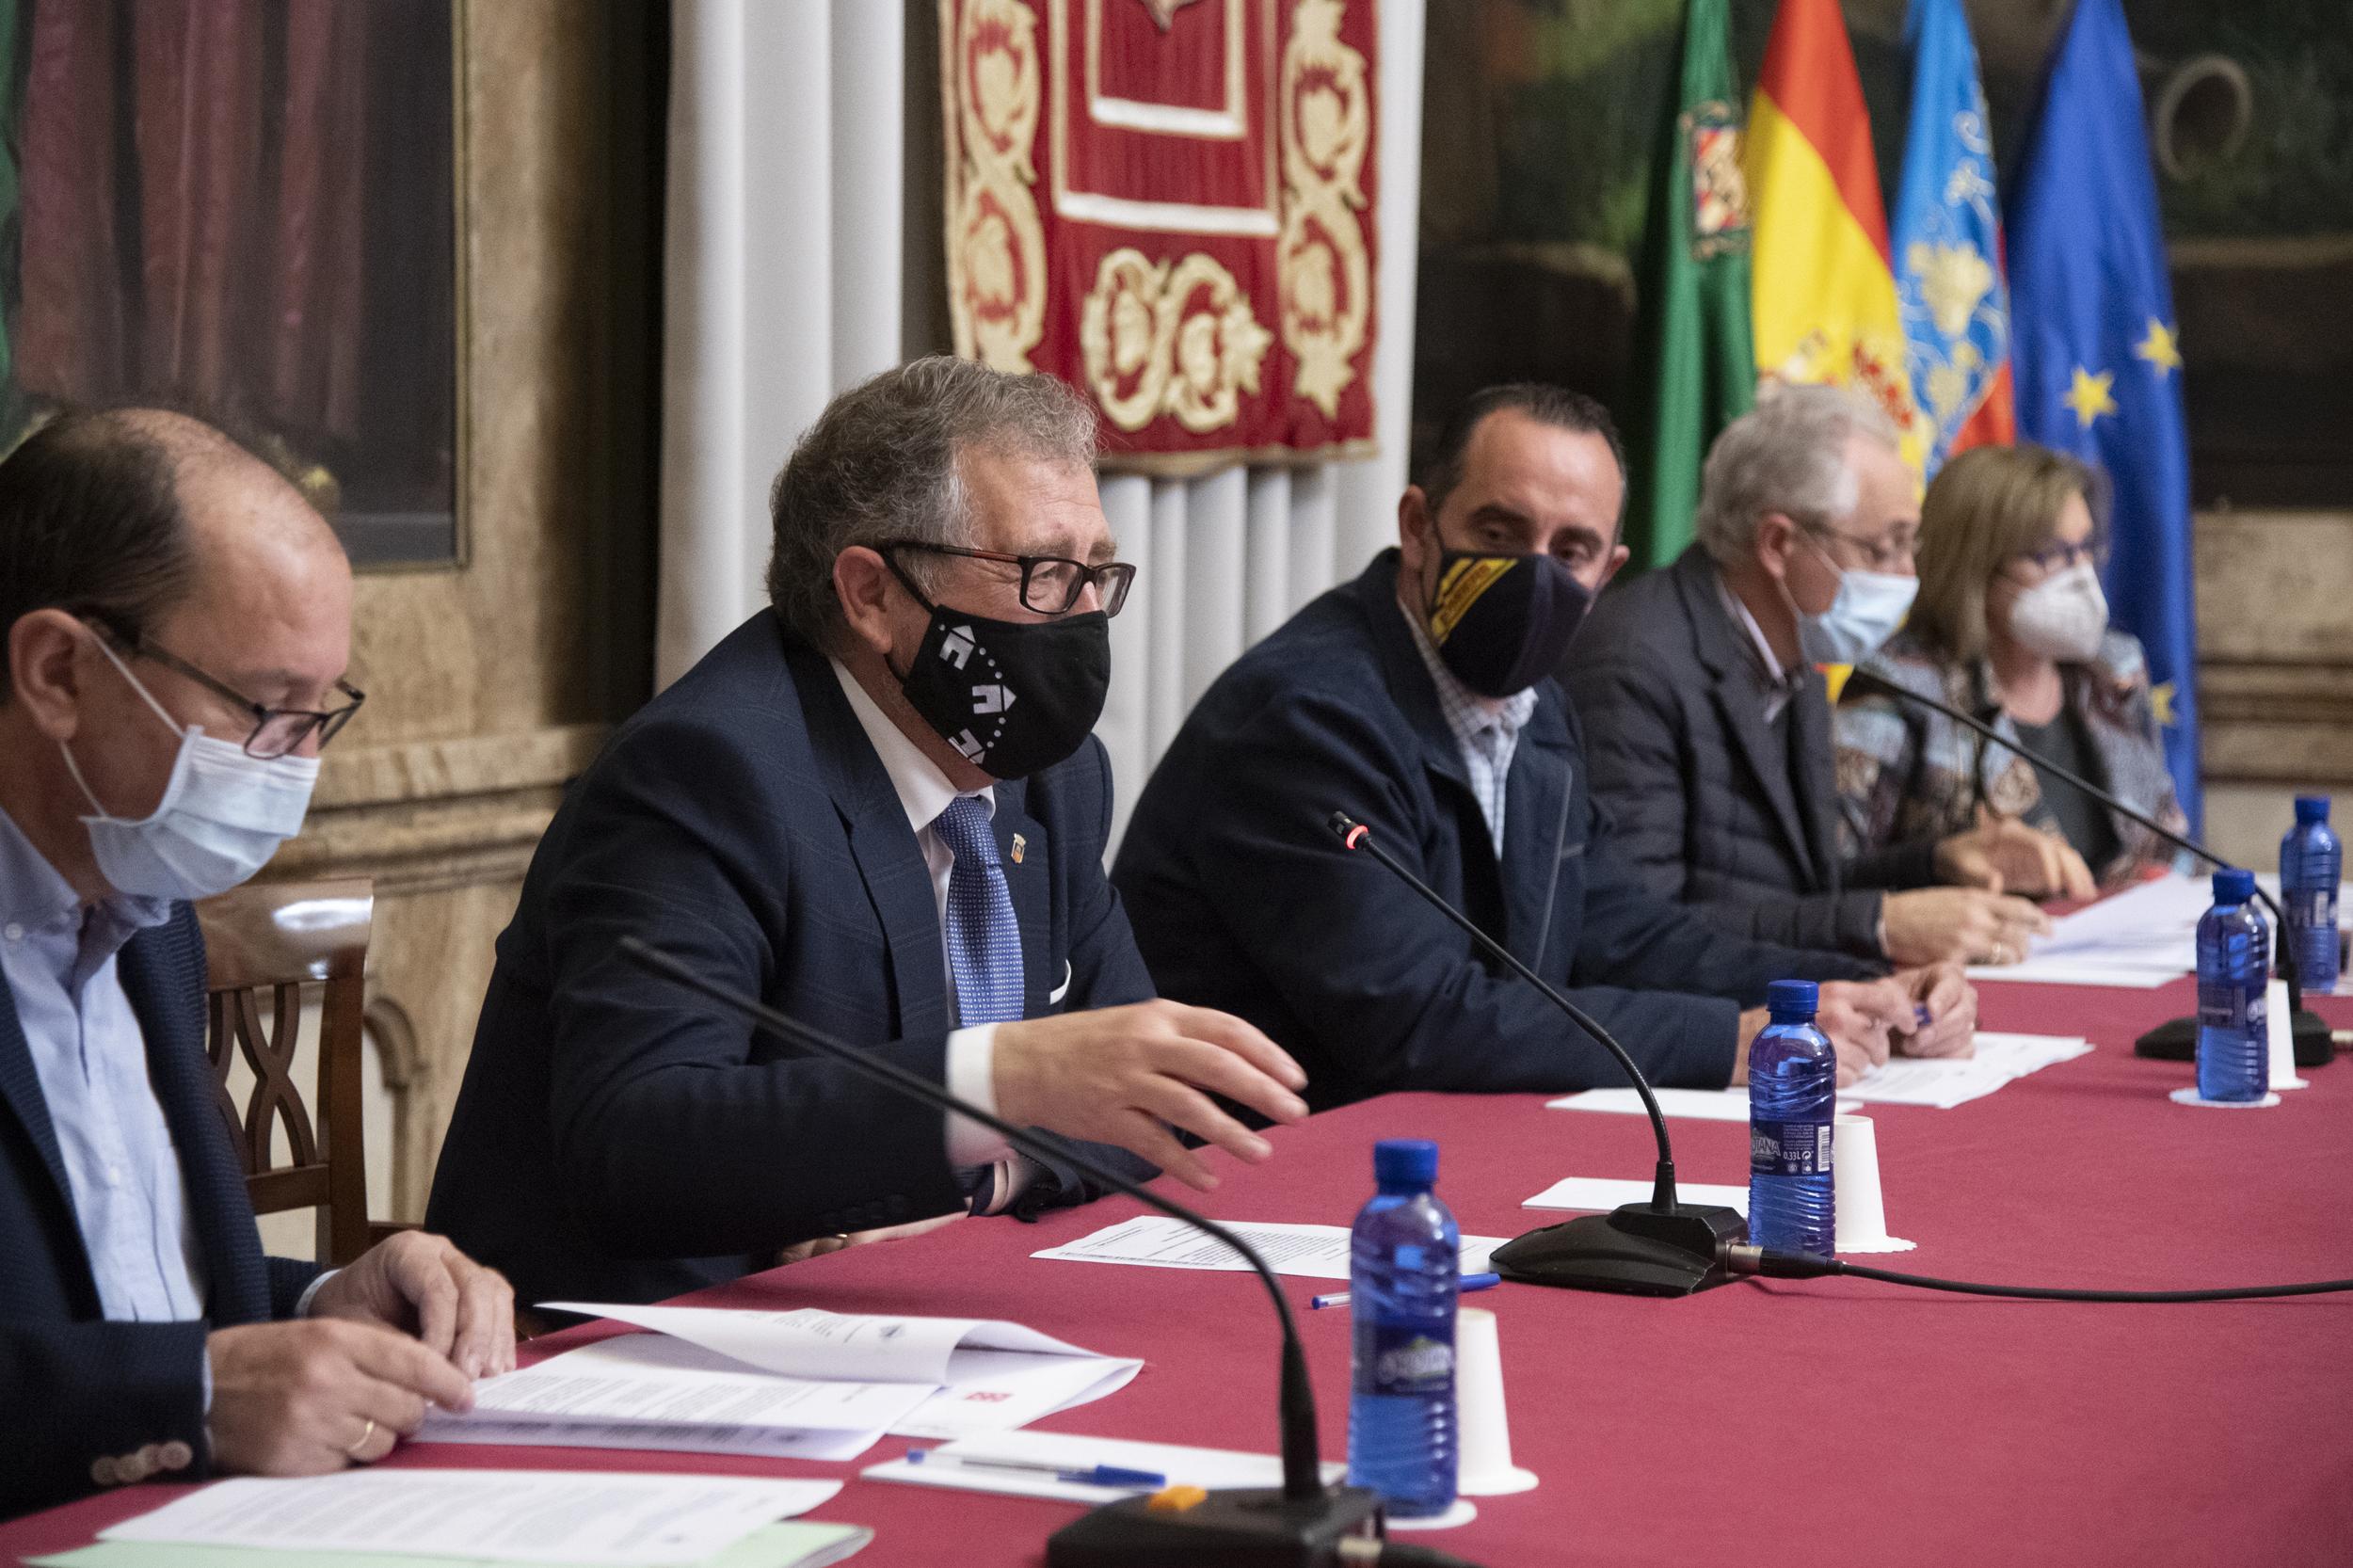 El Consorcio de Bomberos renueva sus acuerdos con Emergencias de la Generalitat para mejorar el servicio de extinción y prevención de incendios